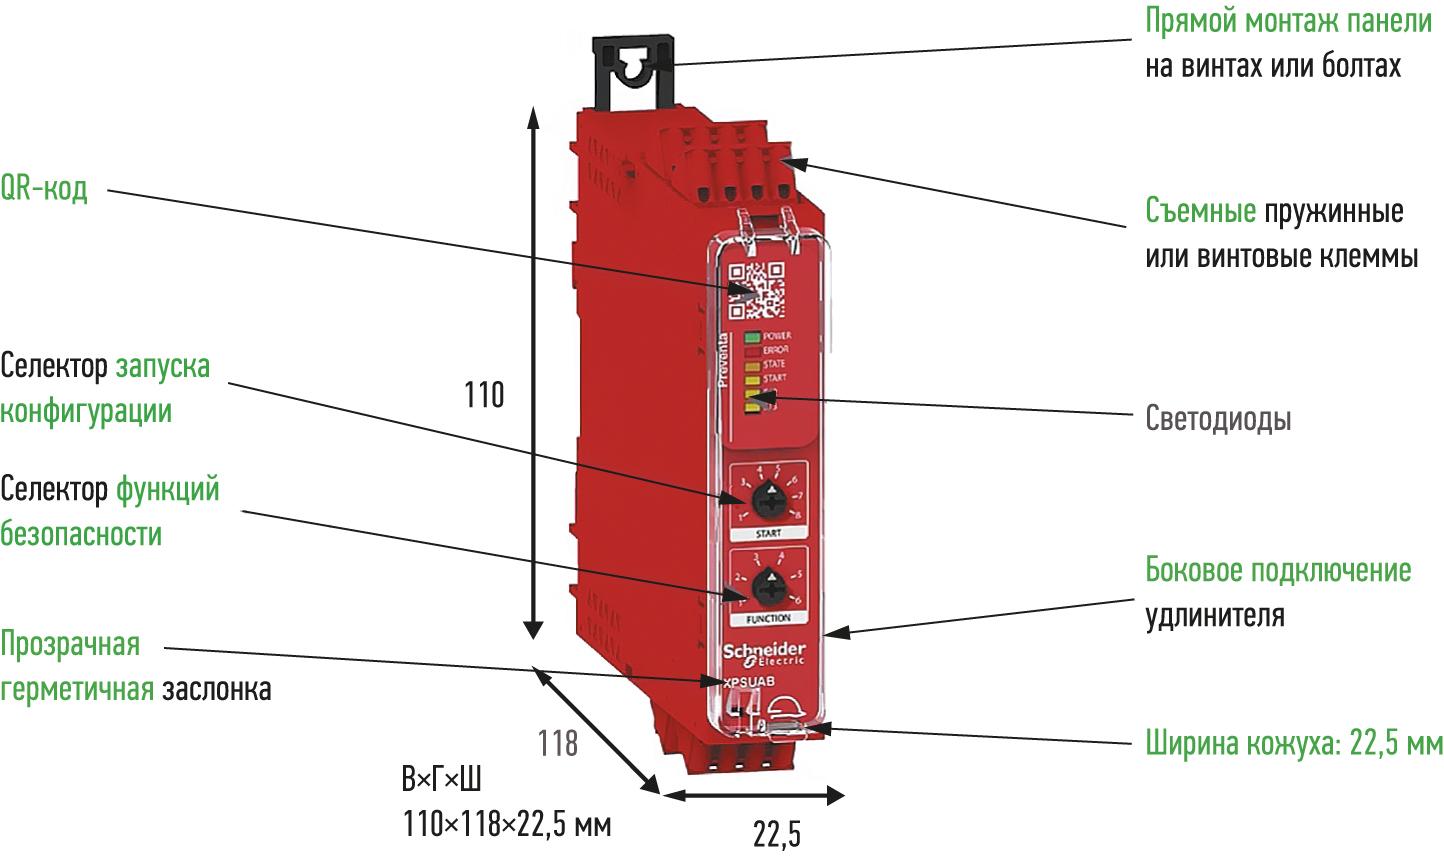 Размеры и внешний вид модуля XPS Universa